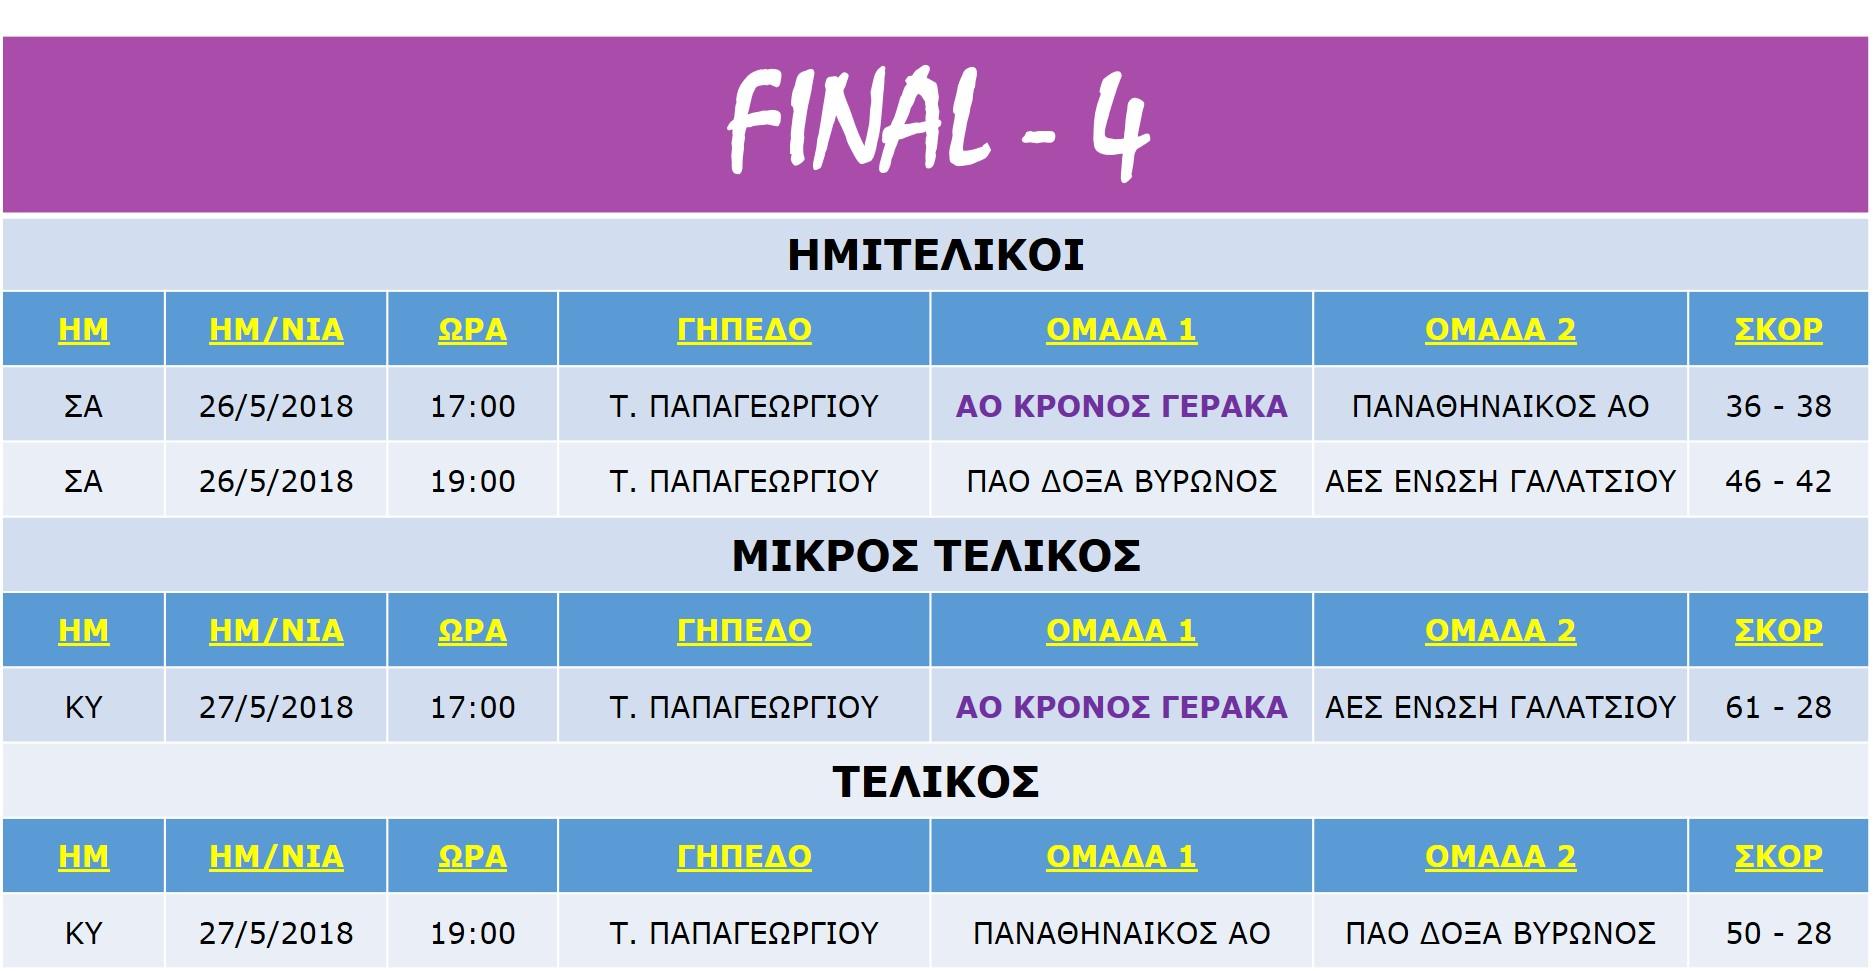 Final-4_Final